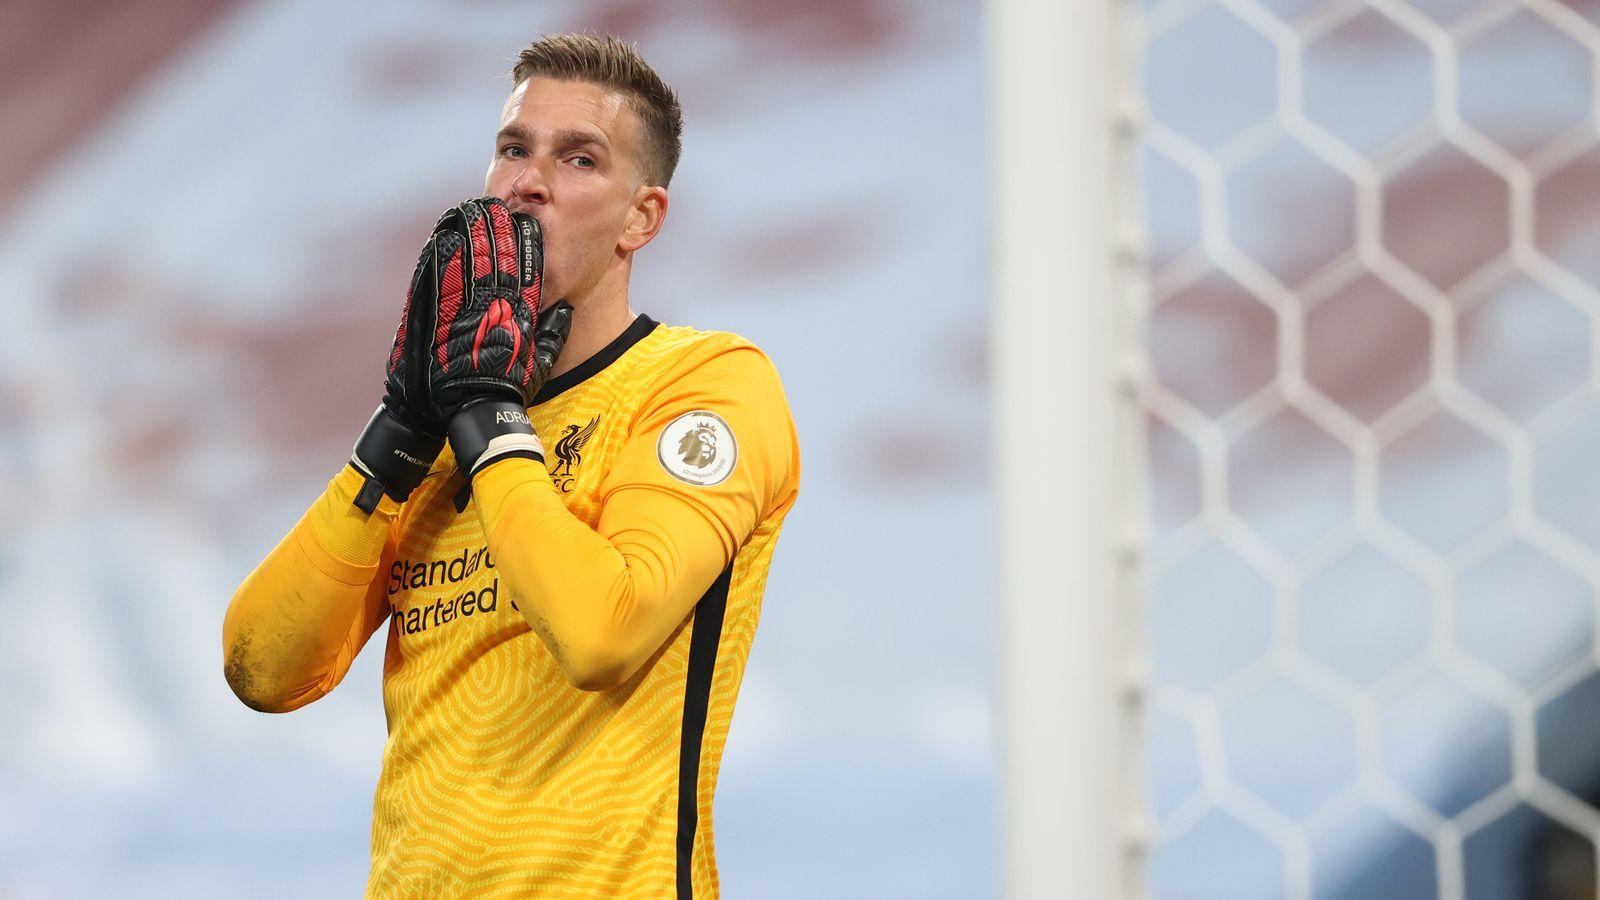 Adrian, kiper kedua Liverpool. (Foto: Sky Sports)